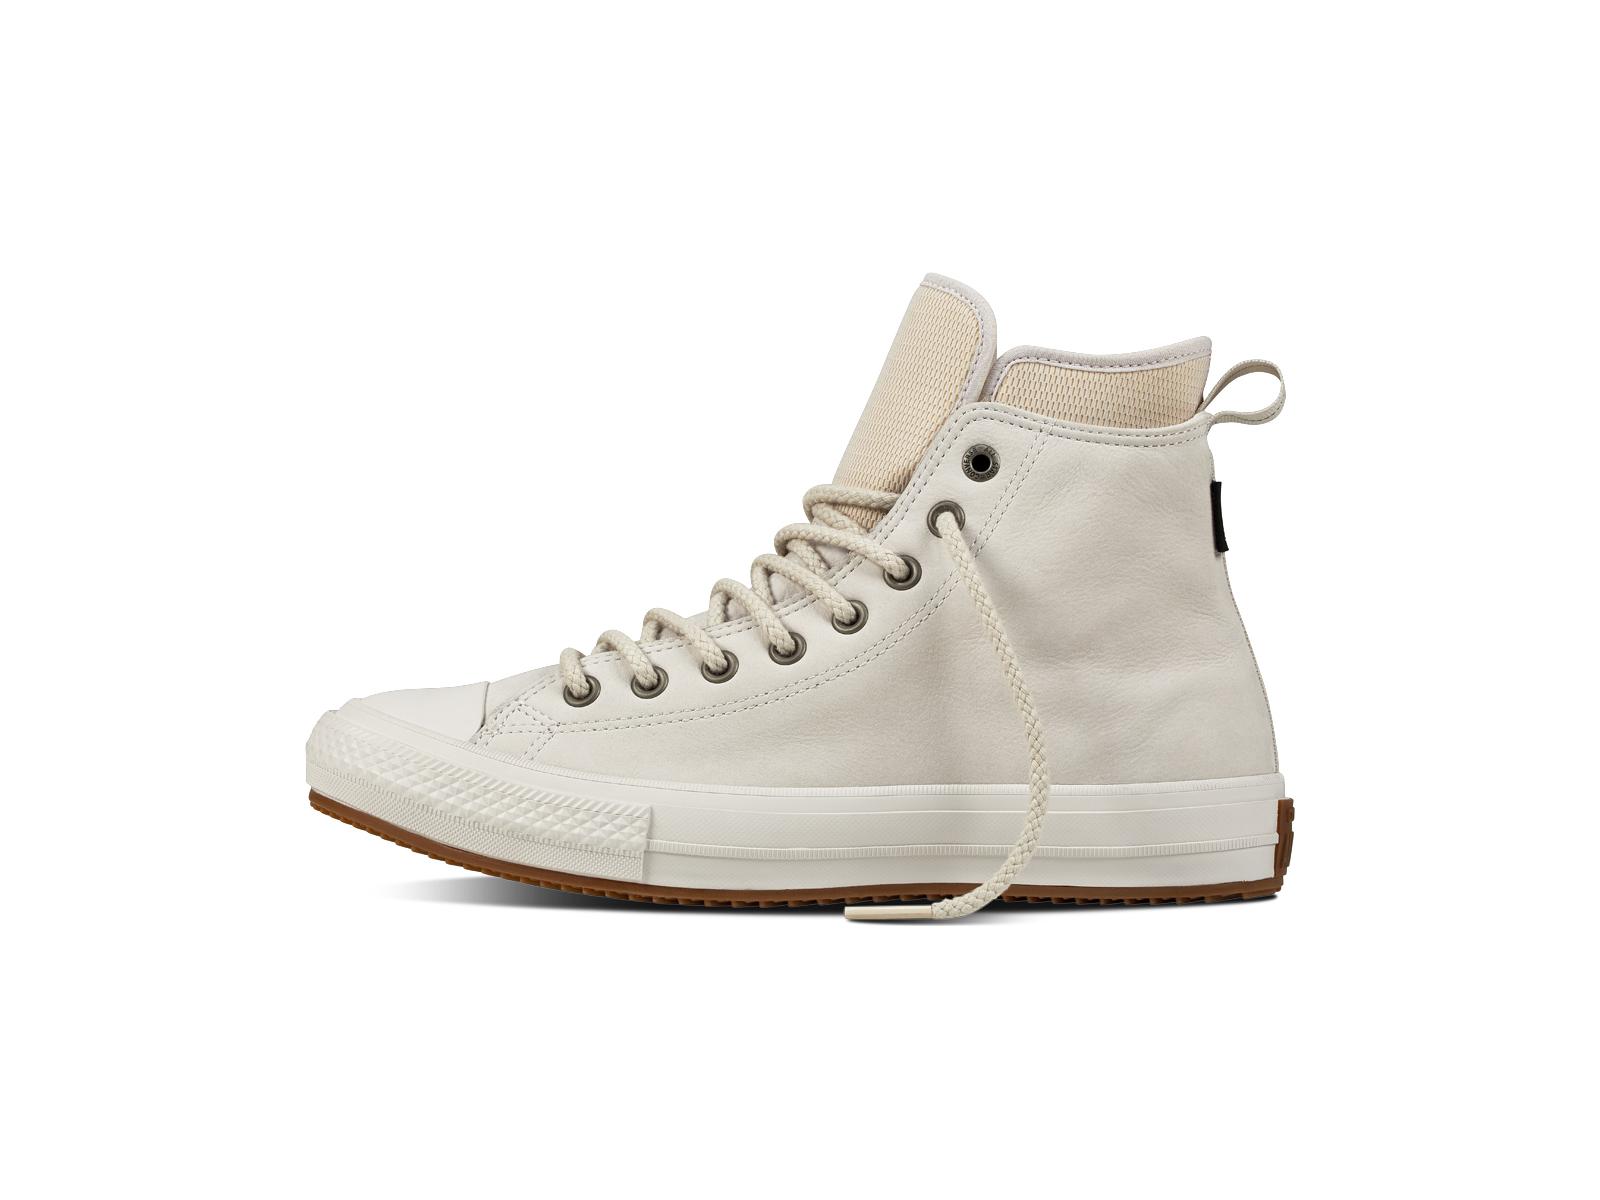 Converse Unisex Chuck Taylor All Star Wasserfest Boots Sneaker Schn rschuhe